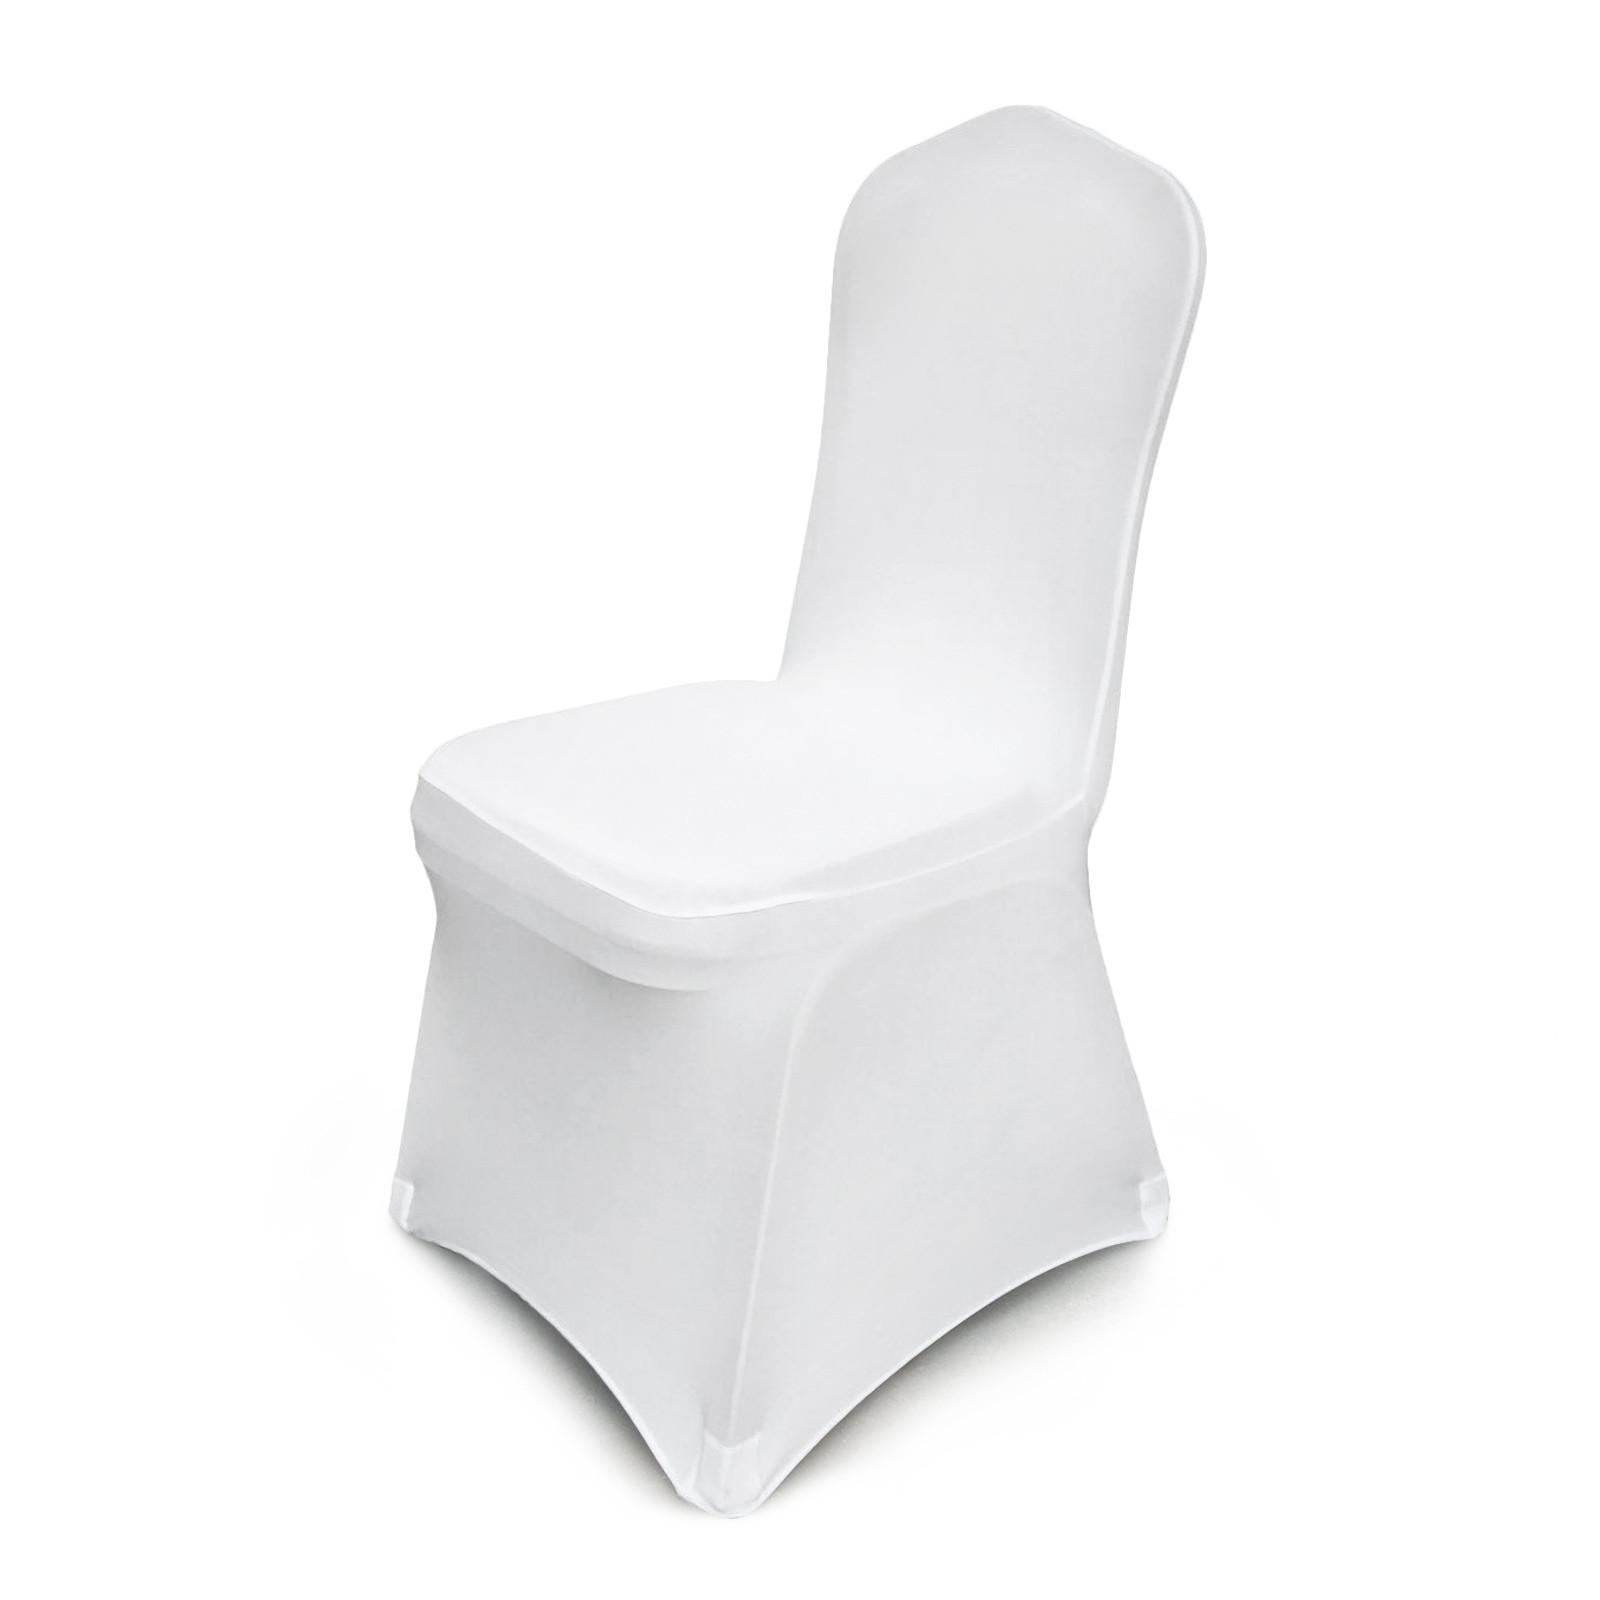 100 50x housses de chaise spandex lycra h tel restaurant mariage soir e f te ebay - Housse de chaise lycra mariage ...